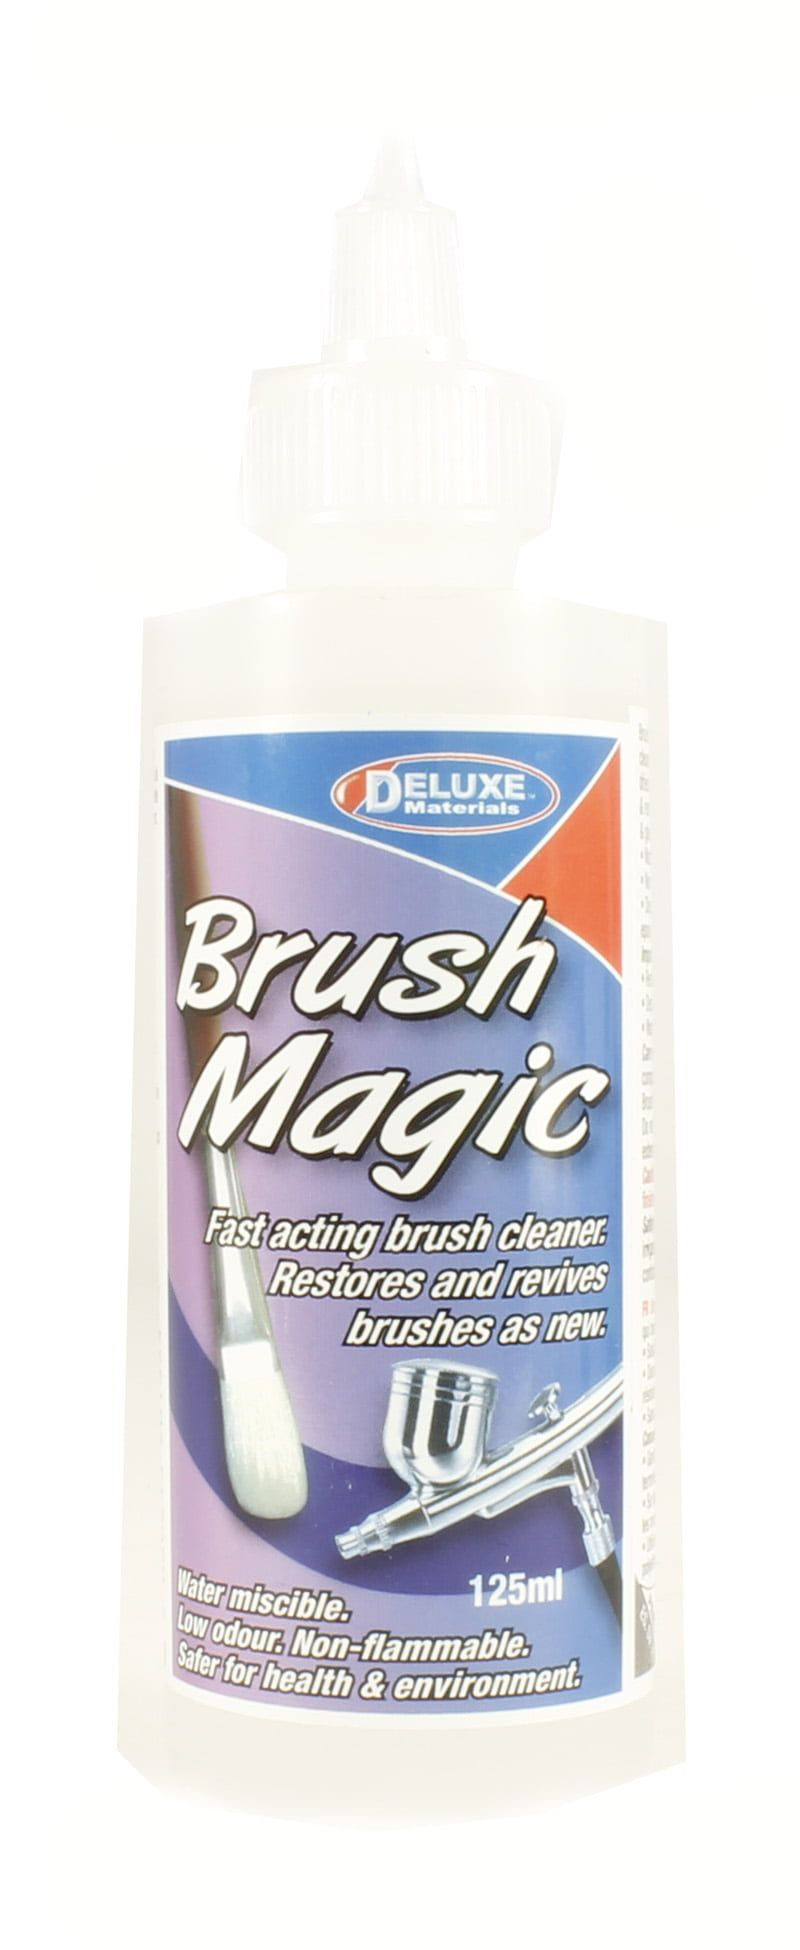 Deluxe Materials Brush Magic